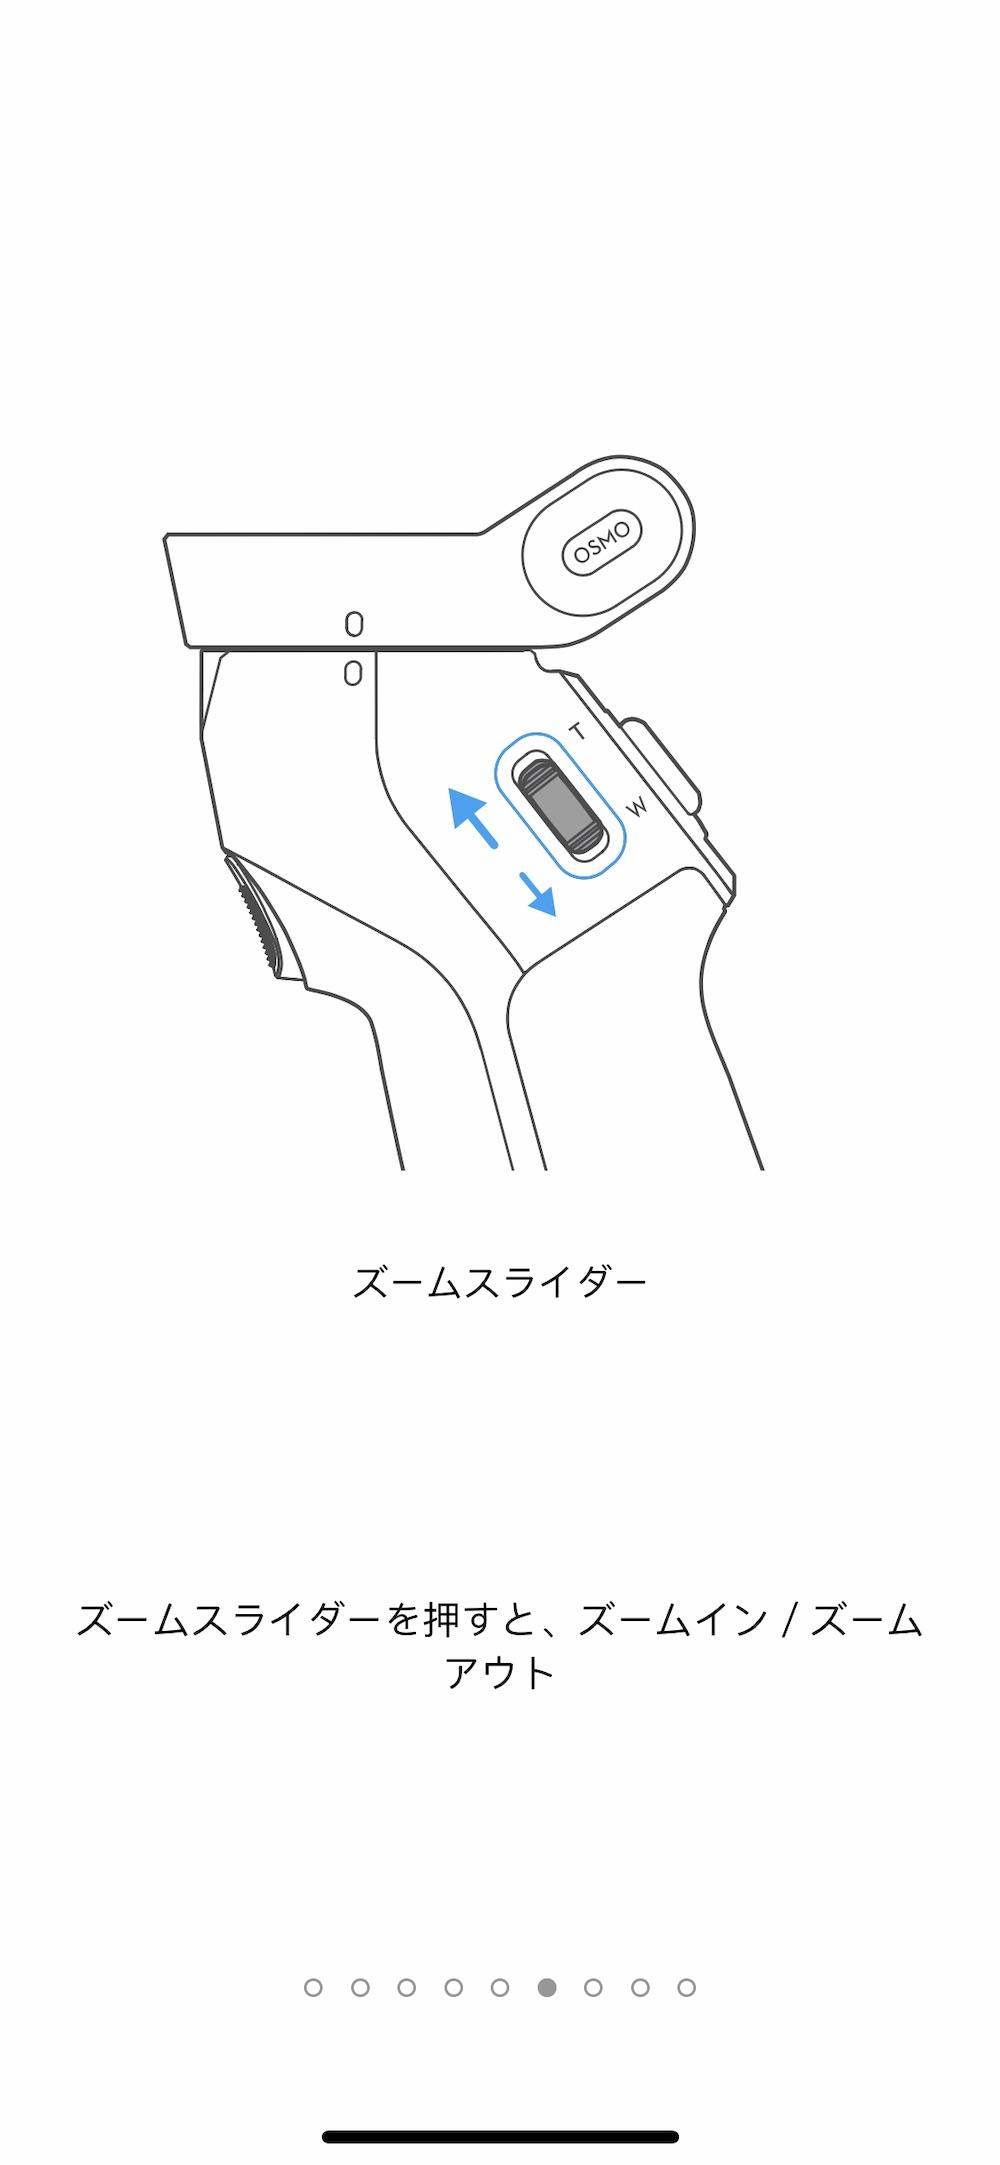 ズームスライダー